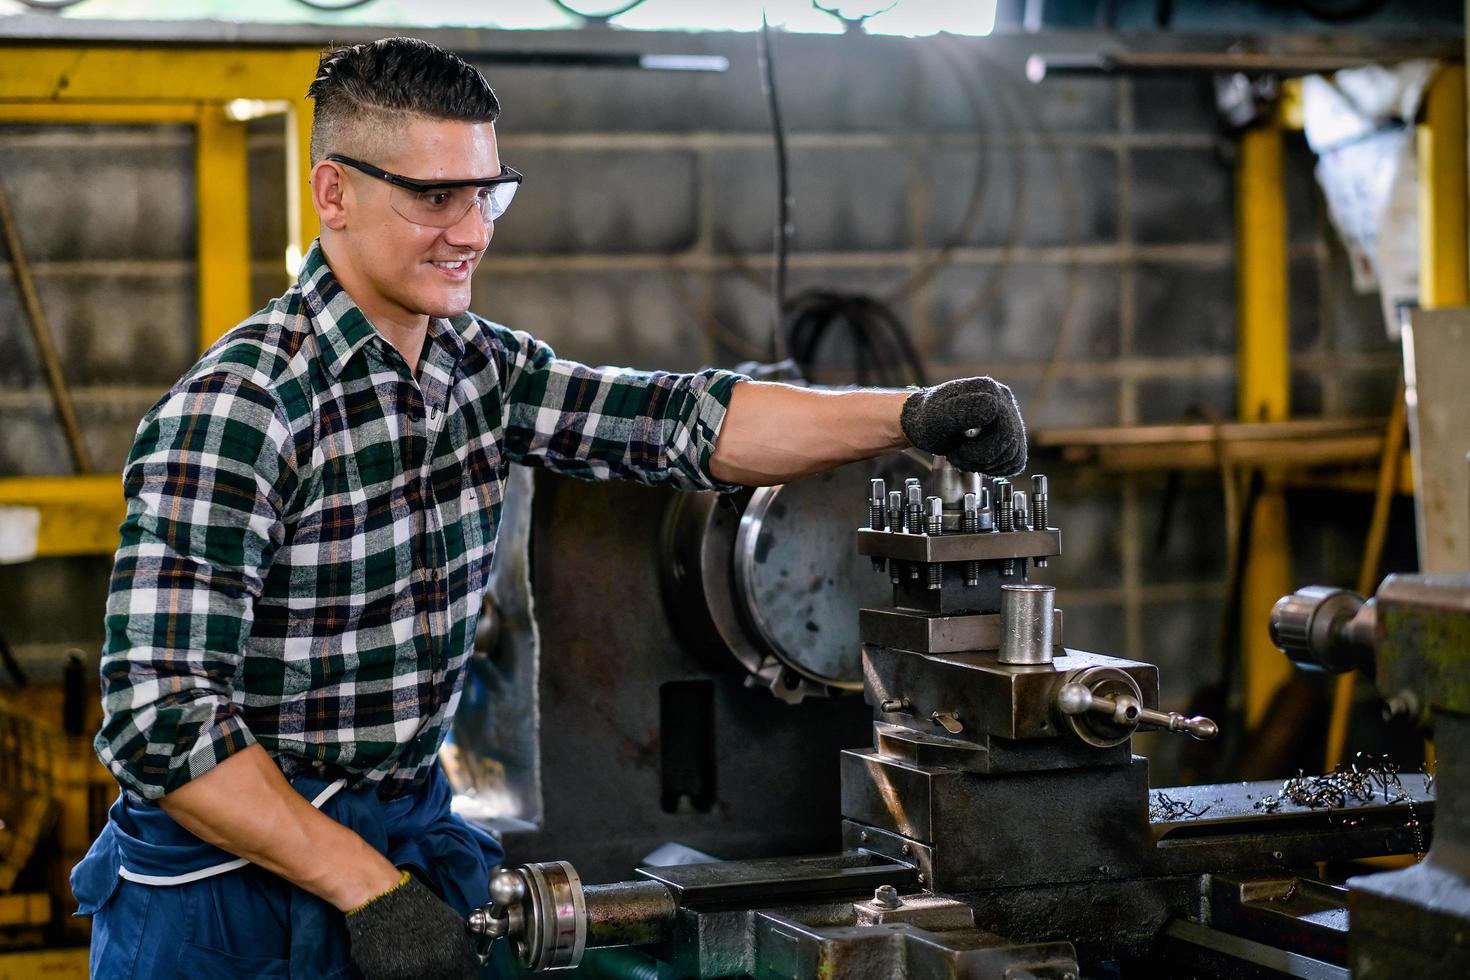 Ein Ingenieur mit einer Schutzbrille arbeitet an einer Maschine foto